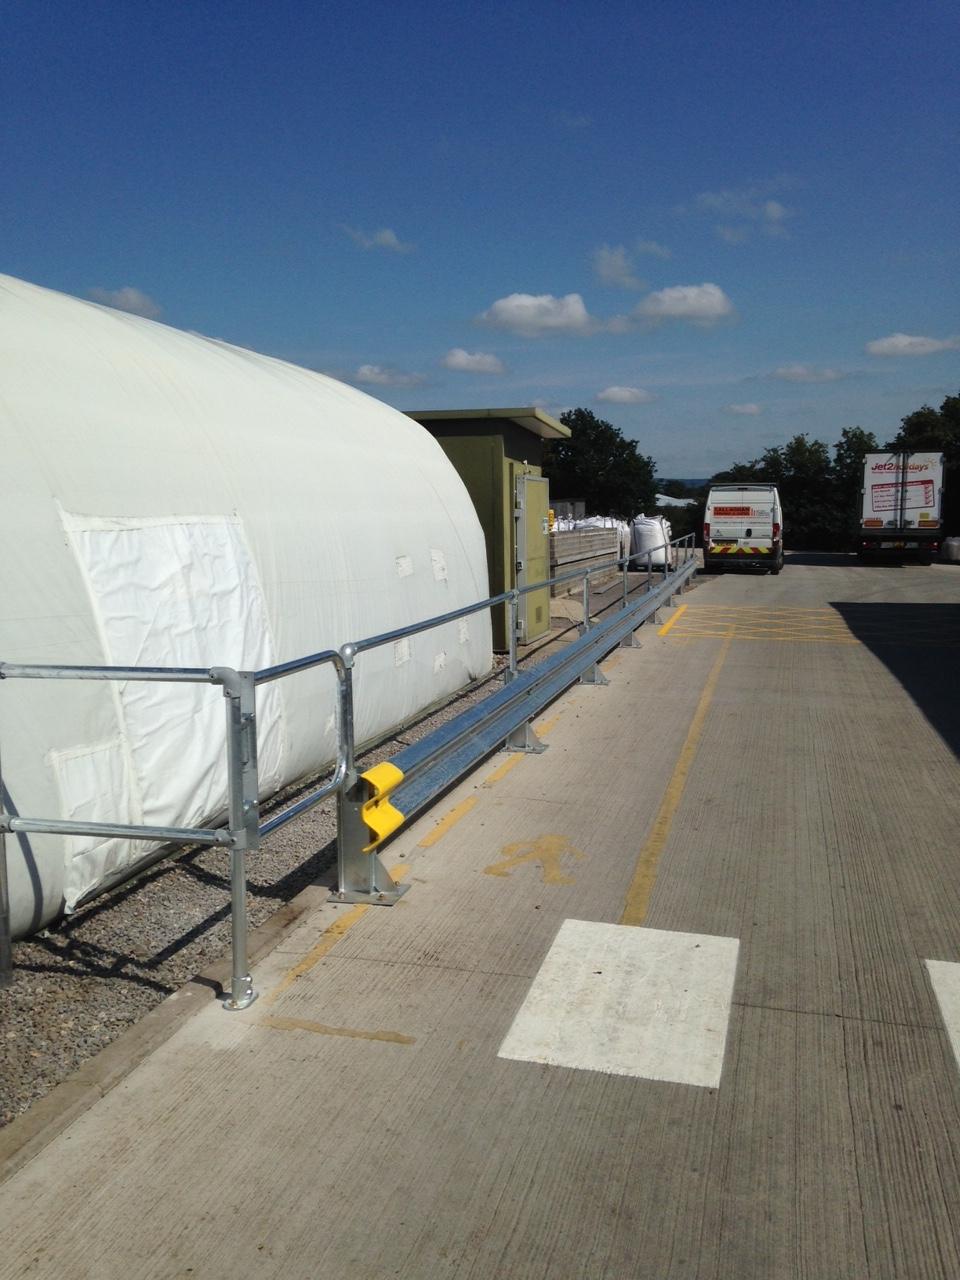 Crash barrier services in Taunton